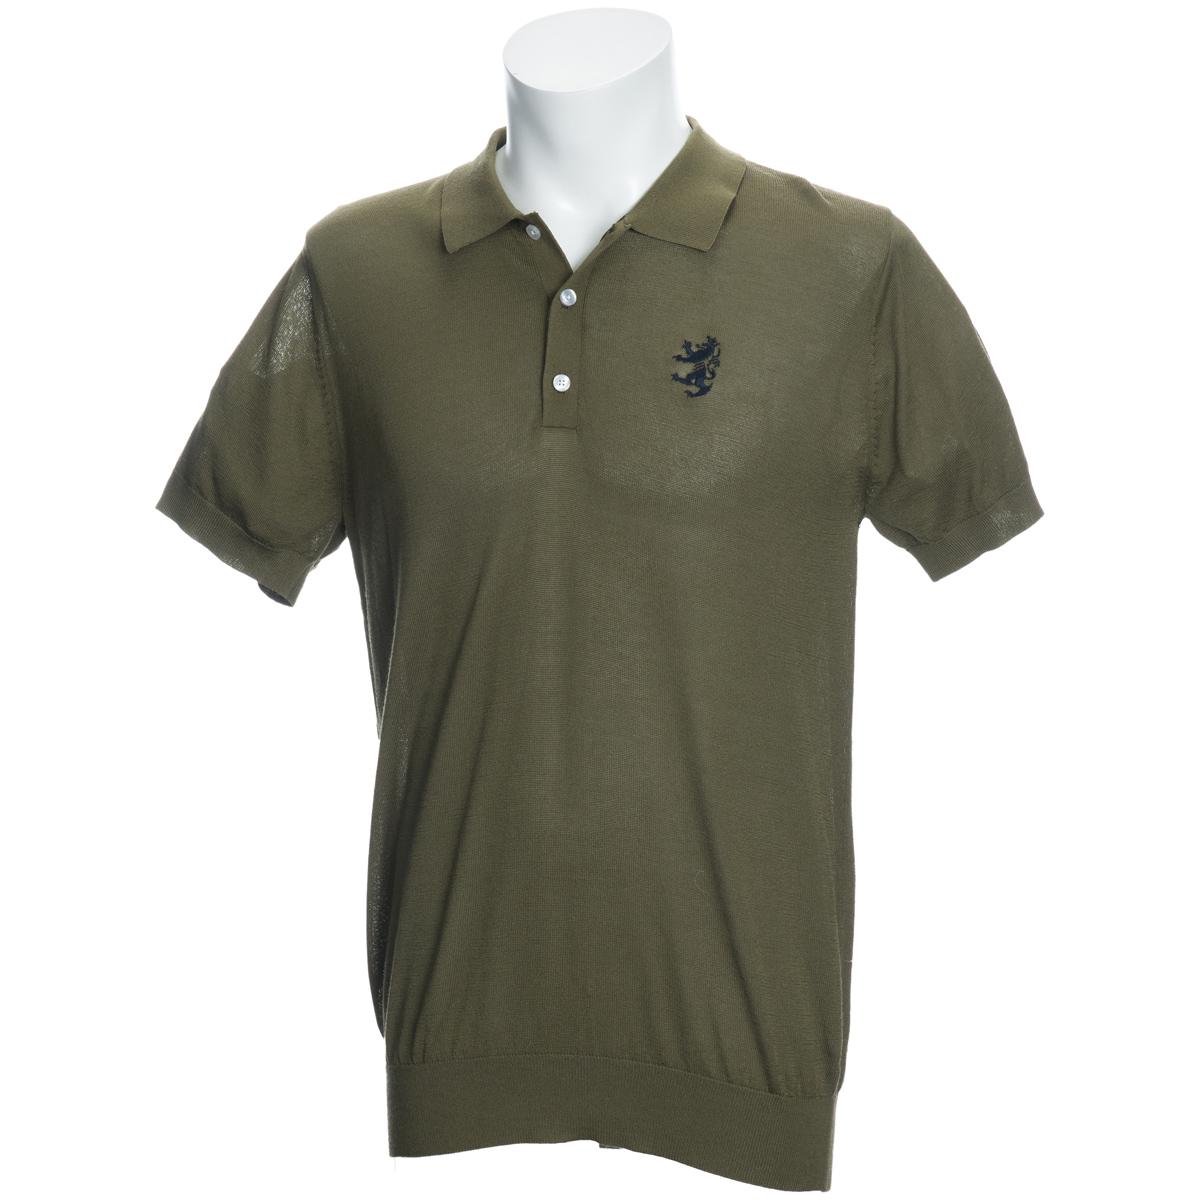 バックリンクス ニット 半袖ポロシャツ